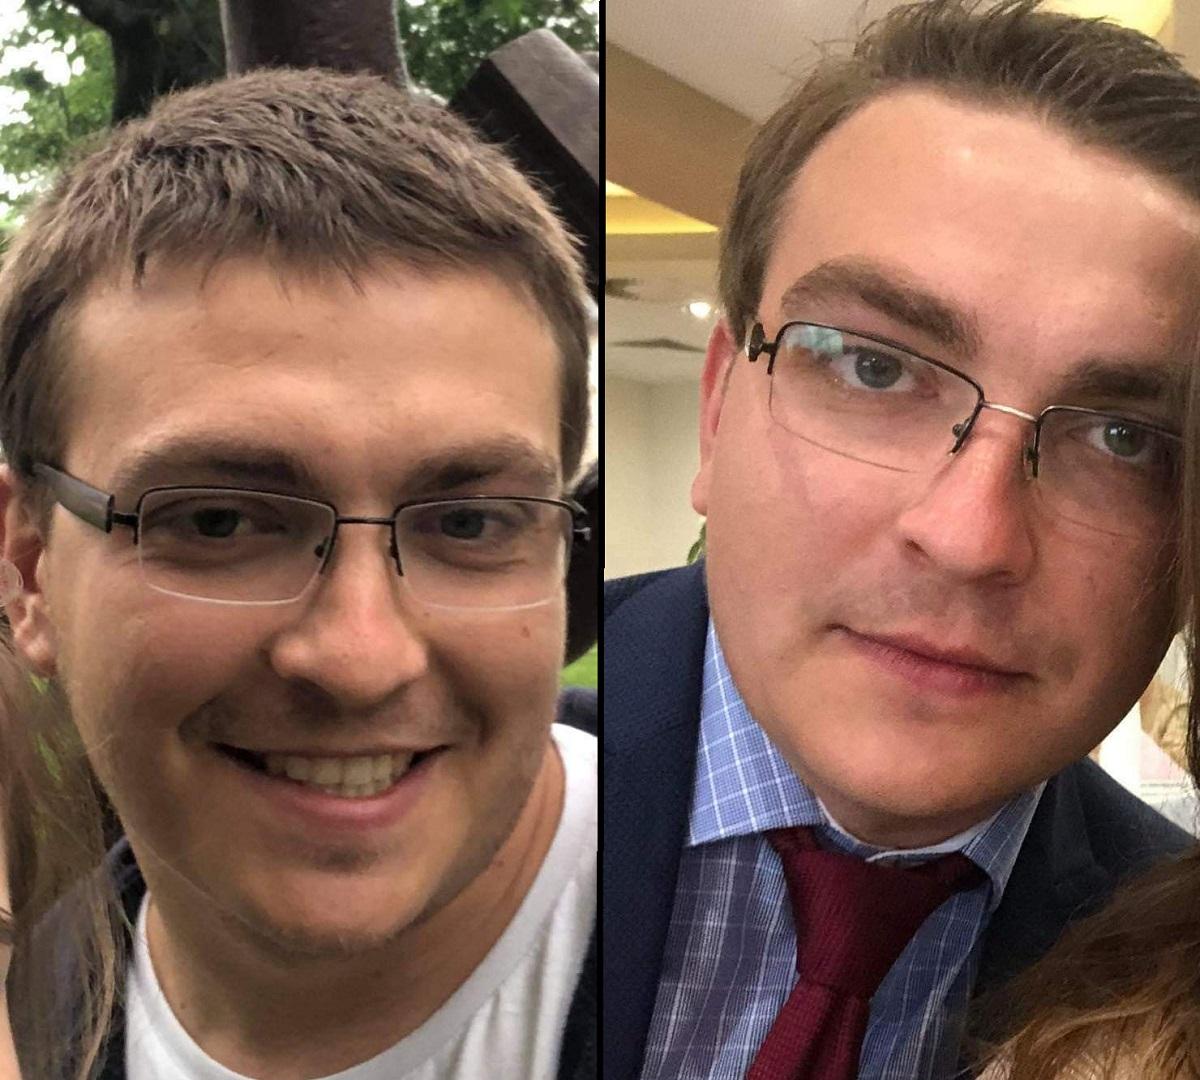 Zaginął mieszkaniec Rzeszowa! Rodzina prosi o pomoc w poszukiwaniach - Zdjęcie główne